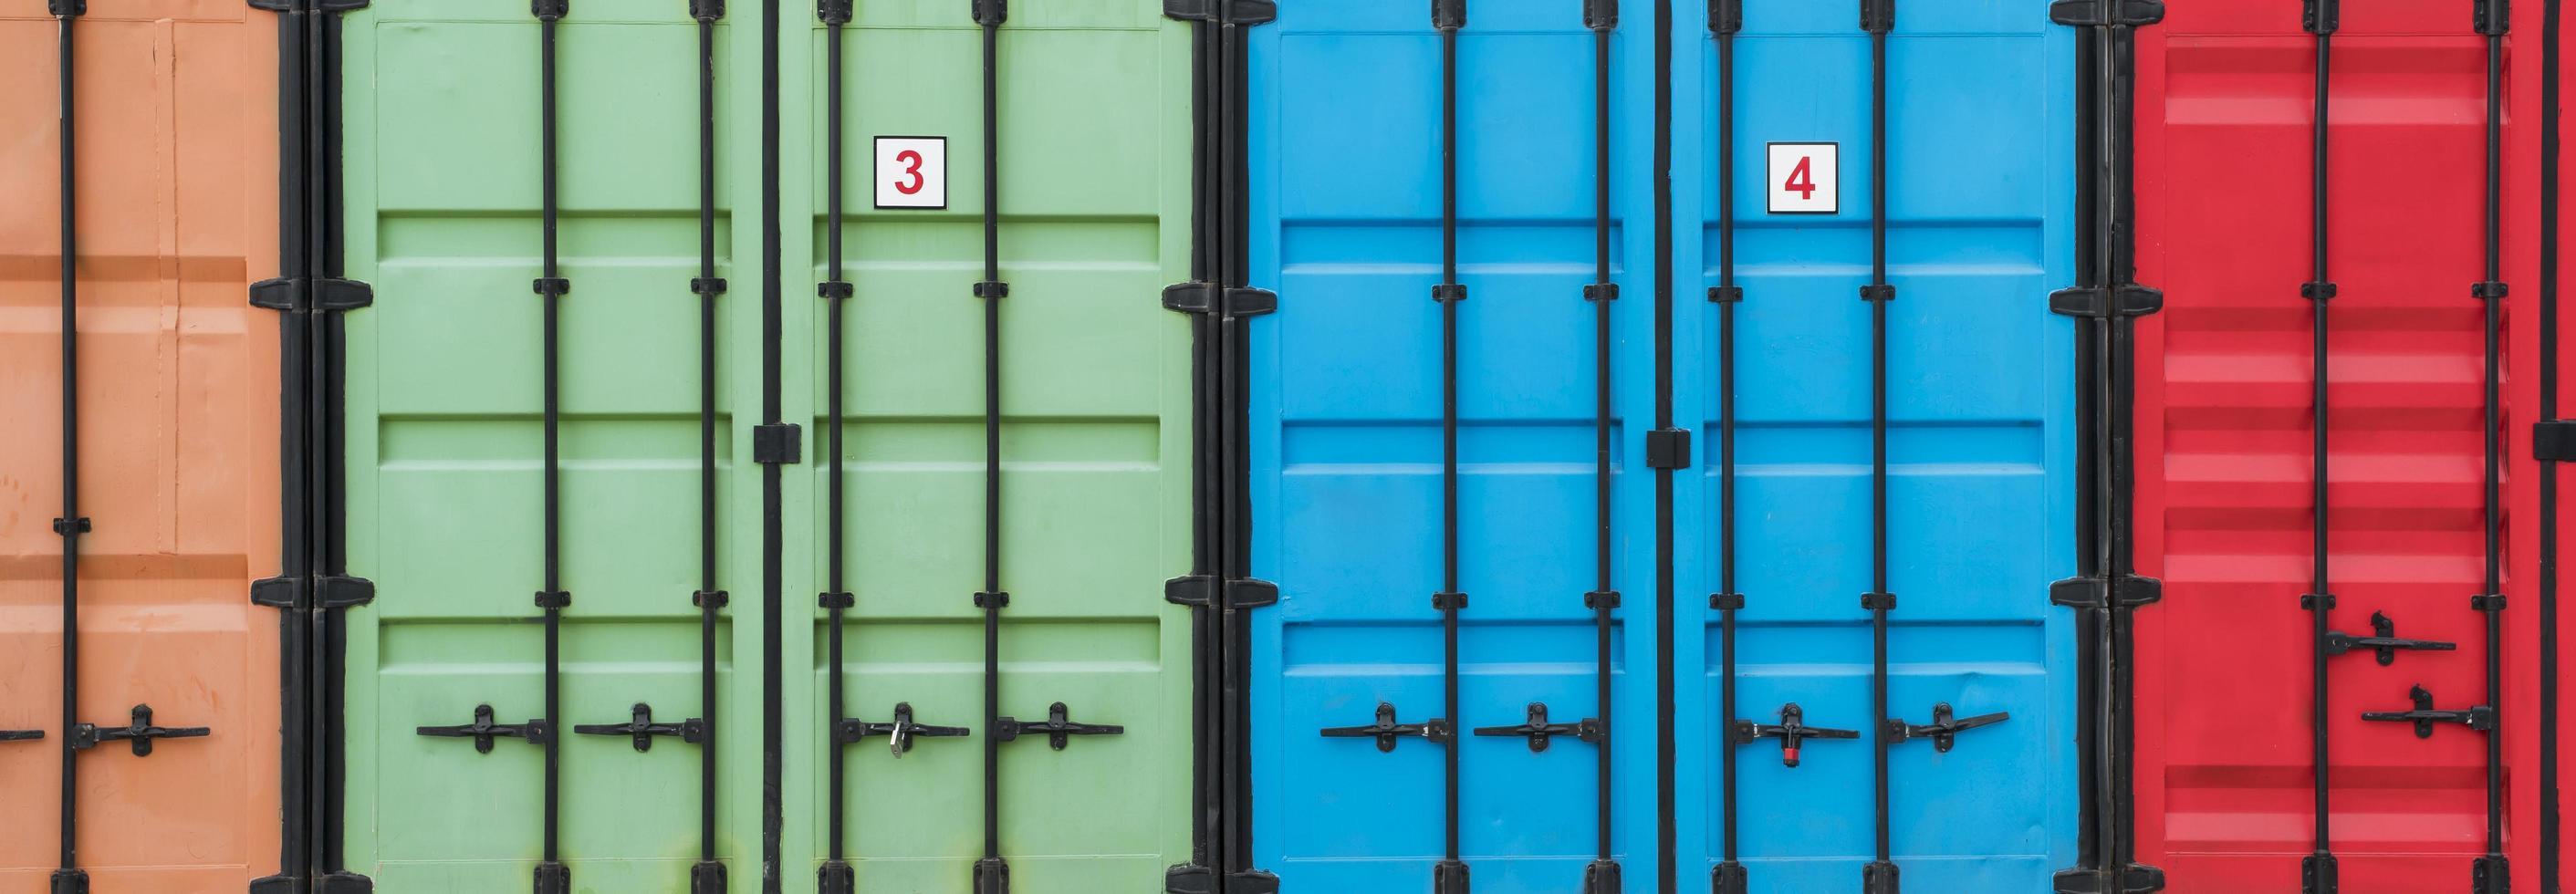 contenitori colorati foto